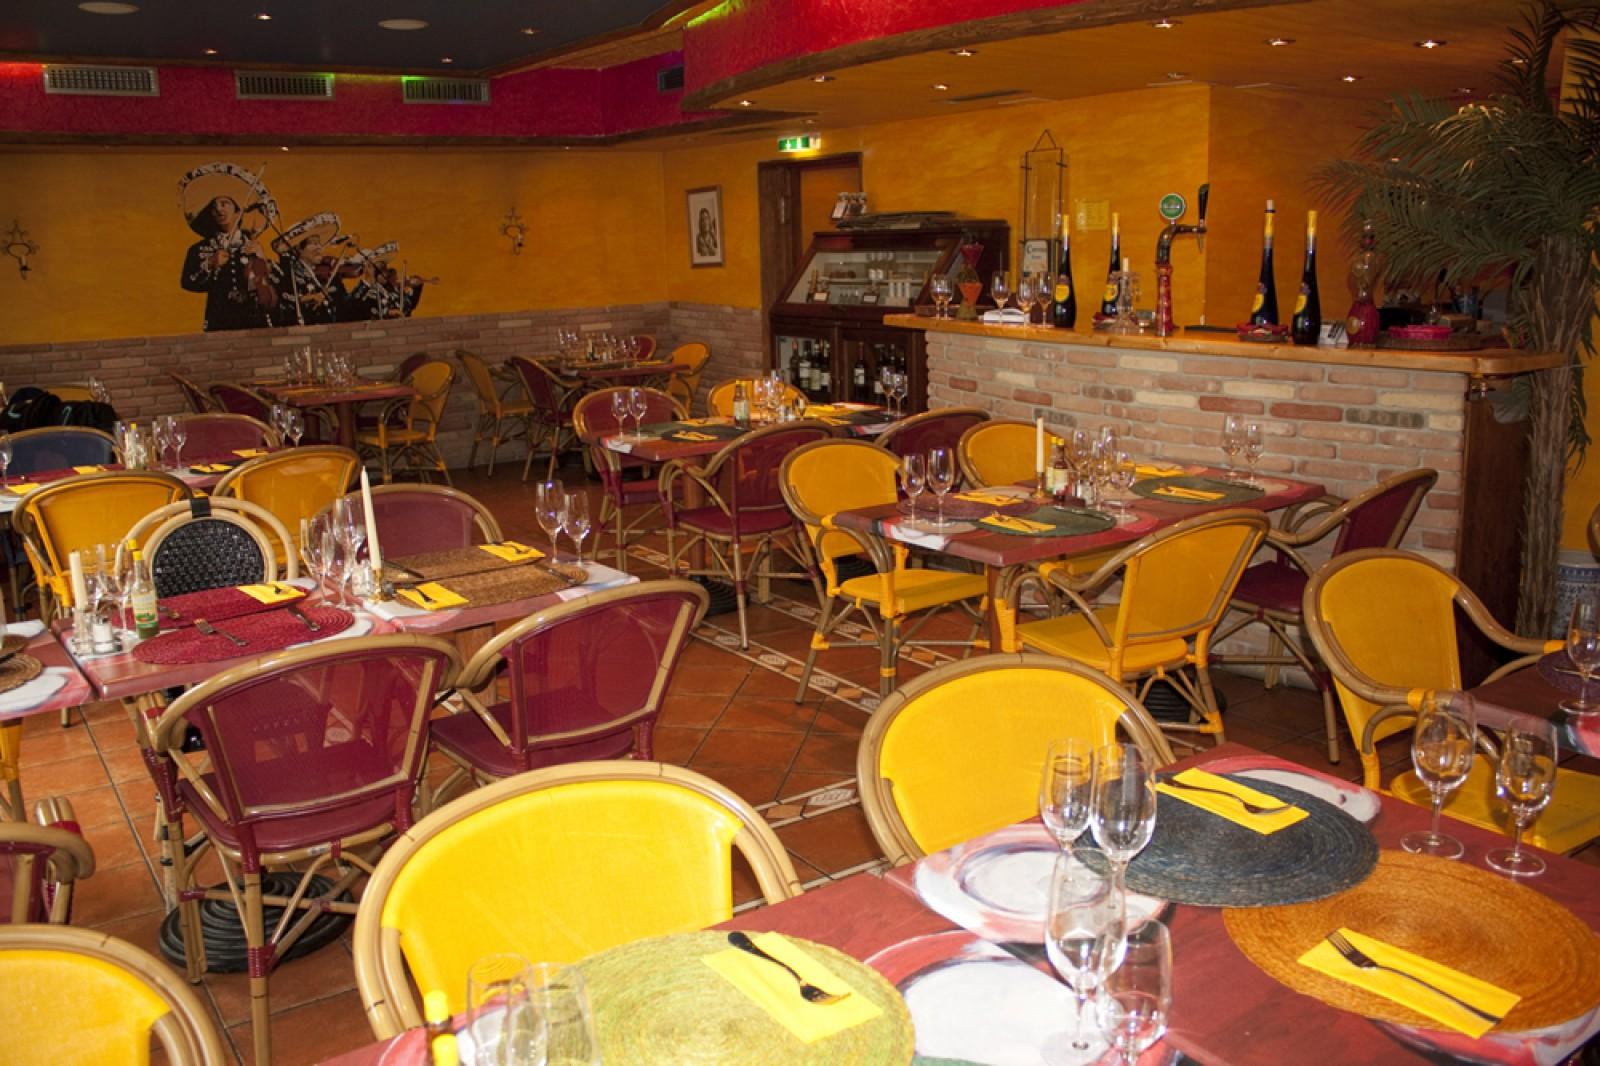 Restaurant El Rancho in Biel